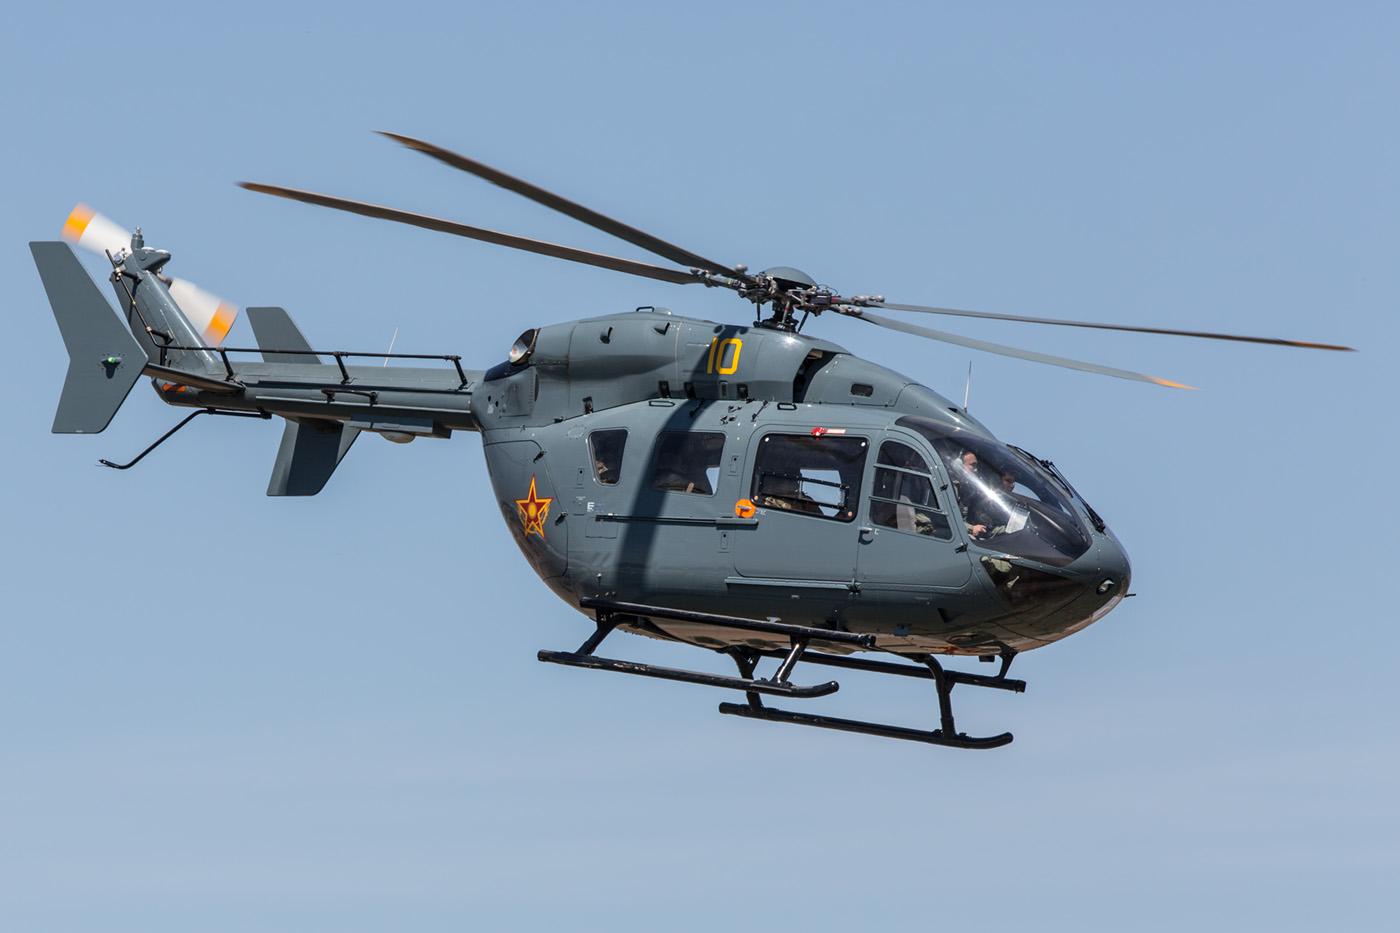 Die Airbus H-145 dienen in der kasachischen Luftwaffe als leichter Transport- und Verbindungshubschrauber.